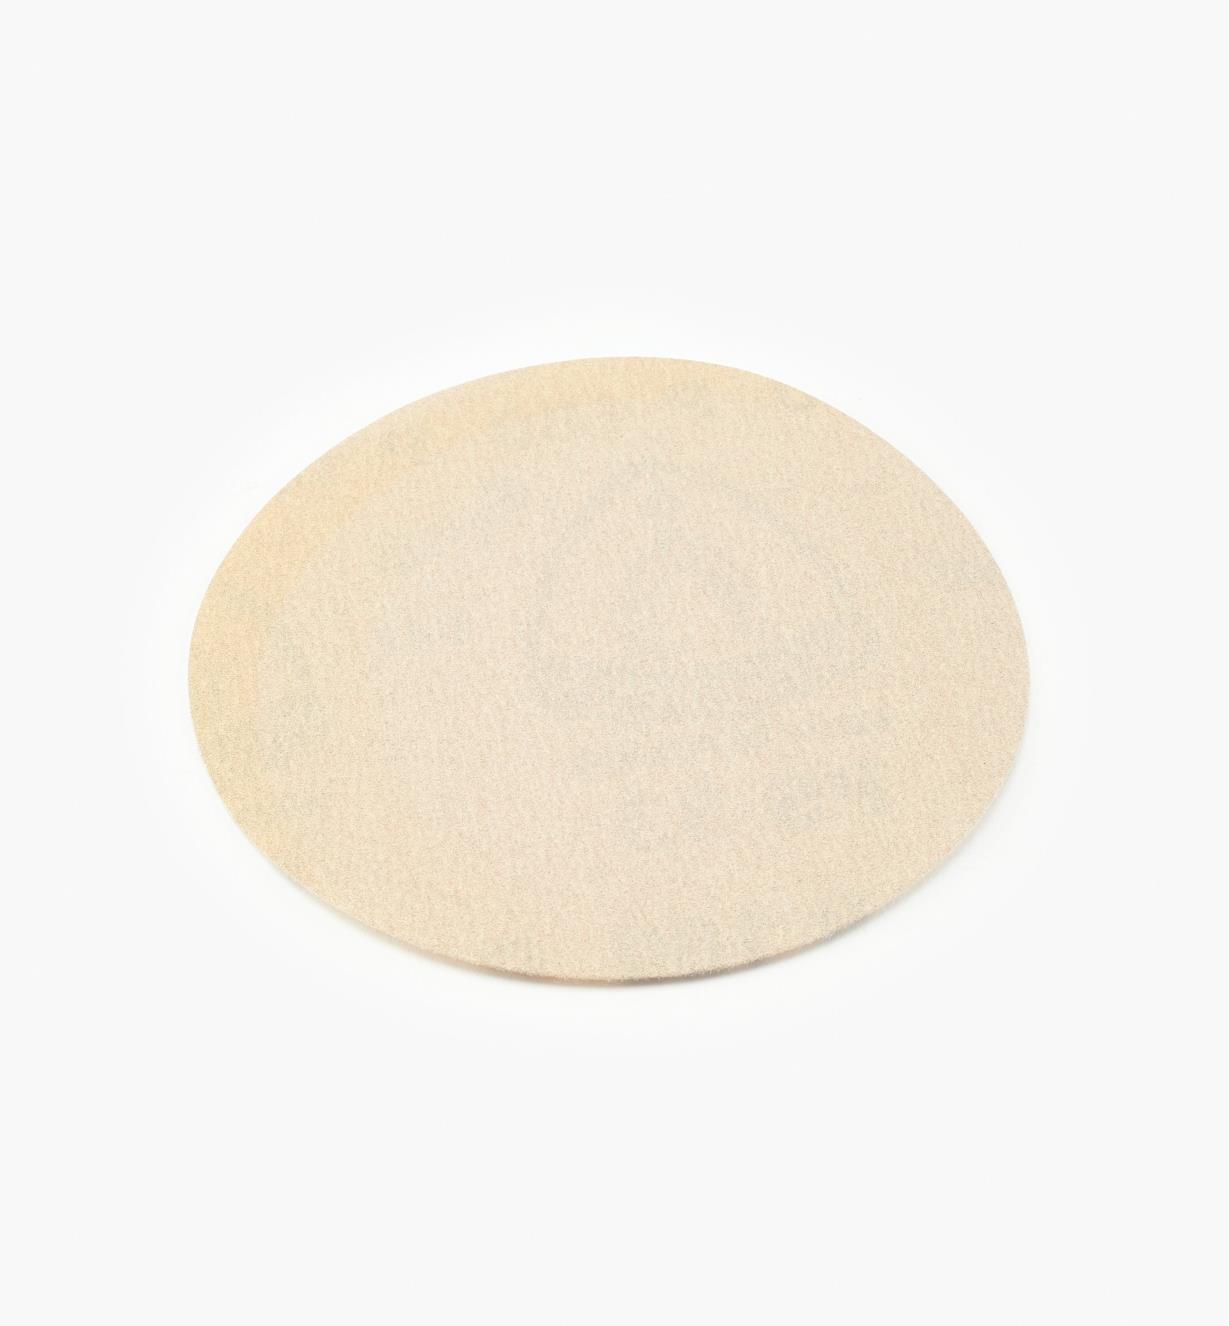 68Z9118 - Disque autoagrippant plein de 5po, grain180